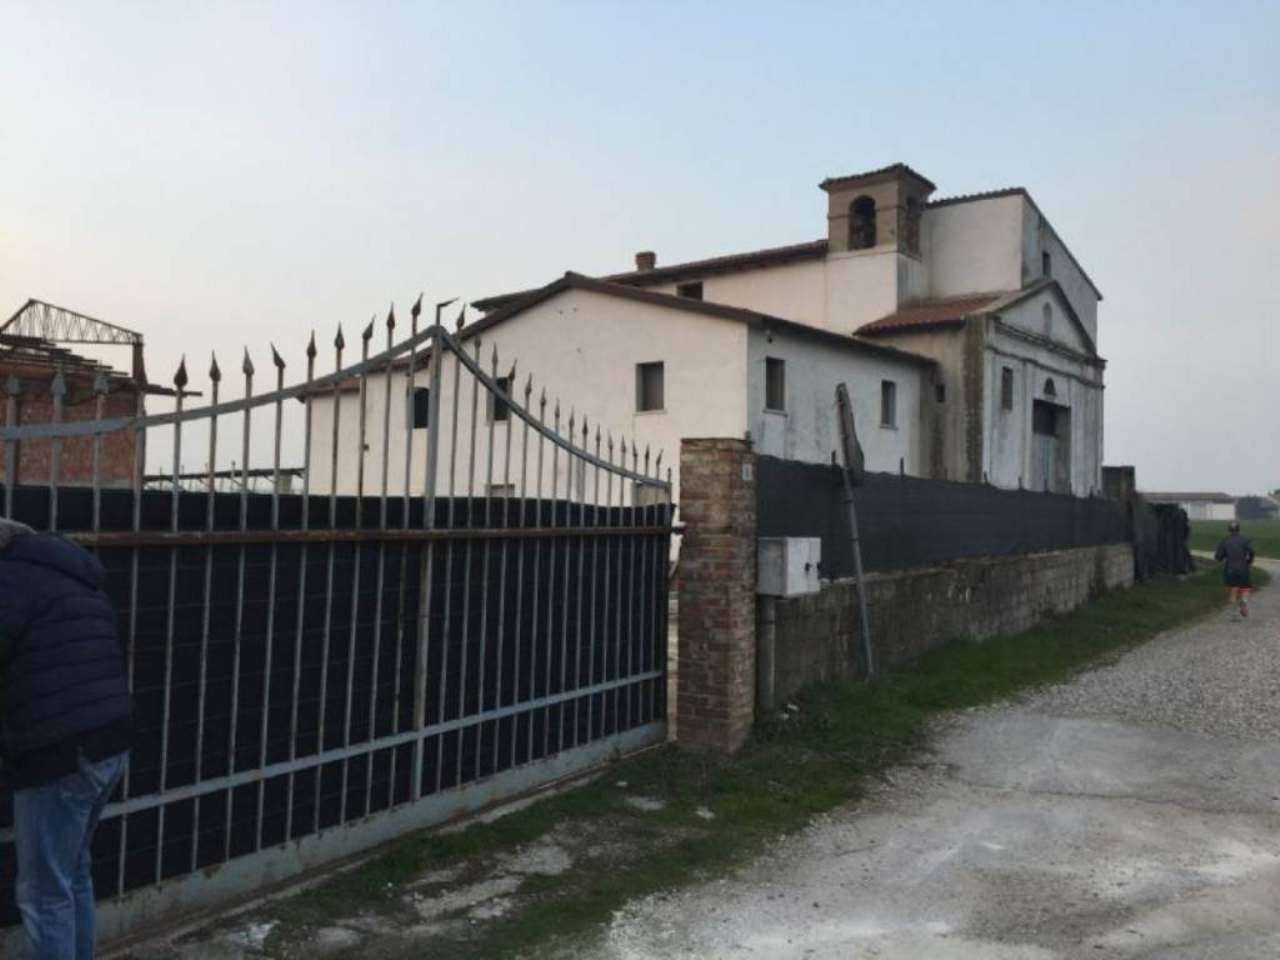 Immobile Commerciale in vendita a Zevio, 10 locali, prezzo € 270.000 | Cambio Casa.it